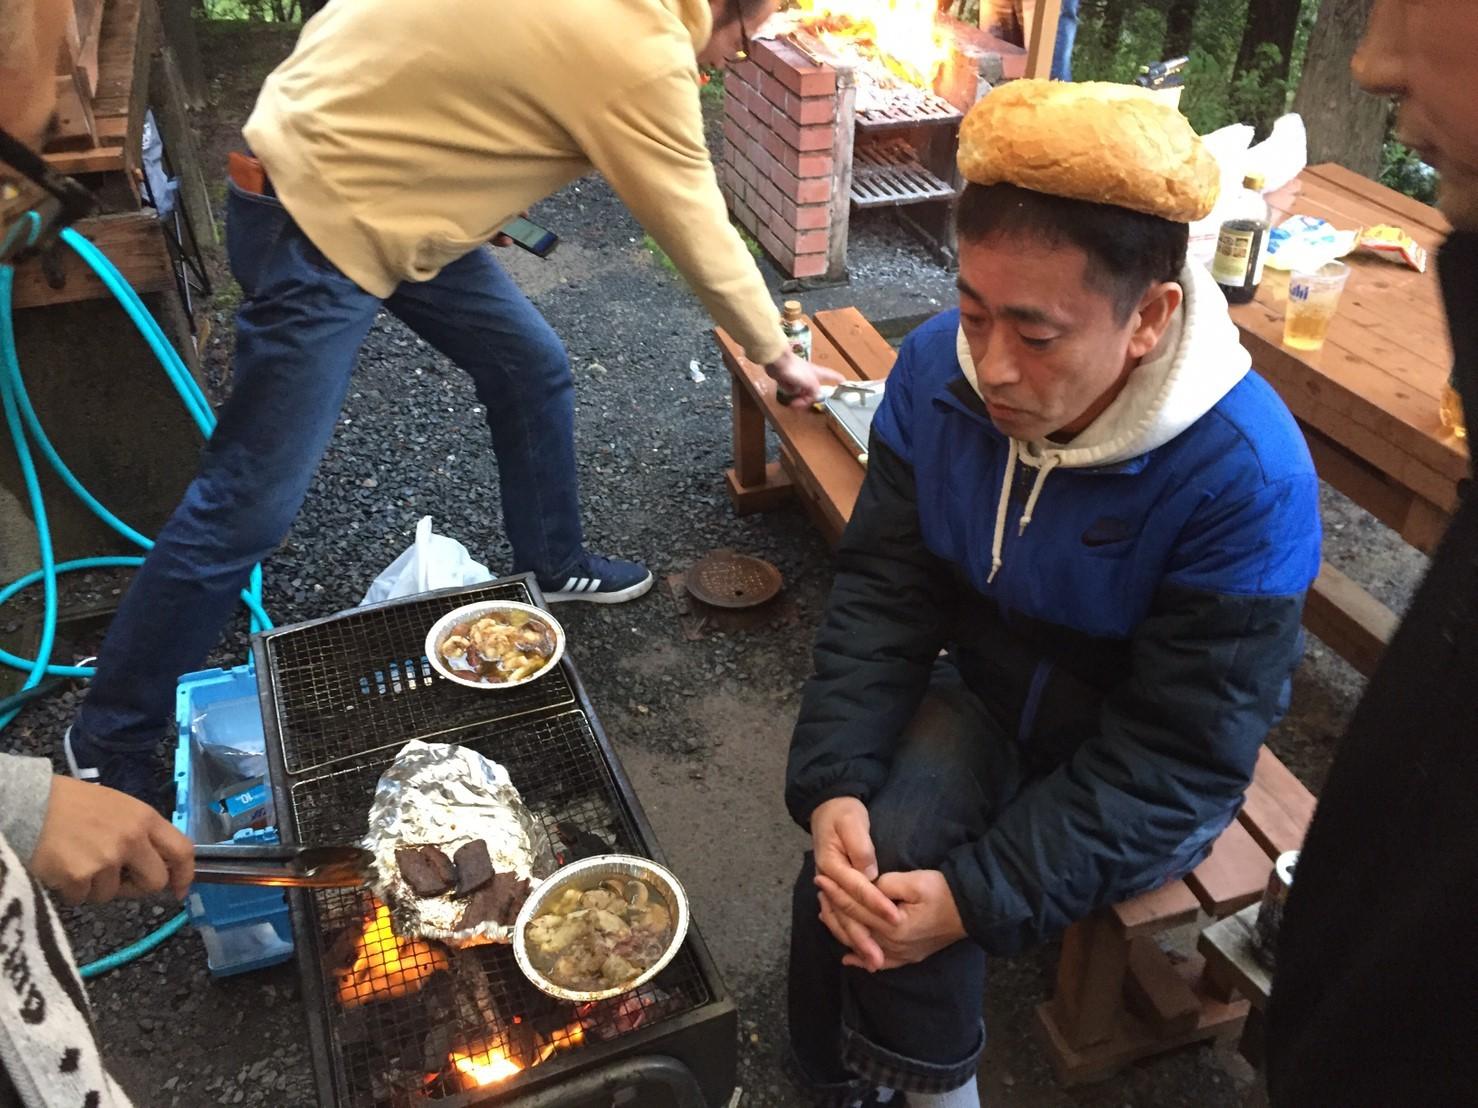 モリキン会 安蔵BBQ 2019 春_e0115904_03304247.jpg